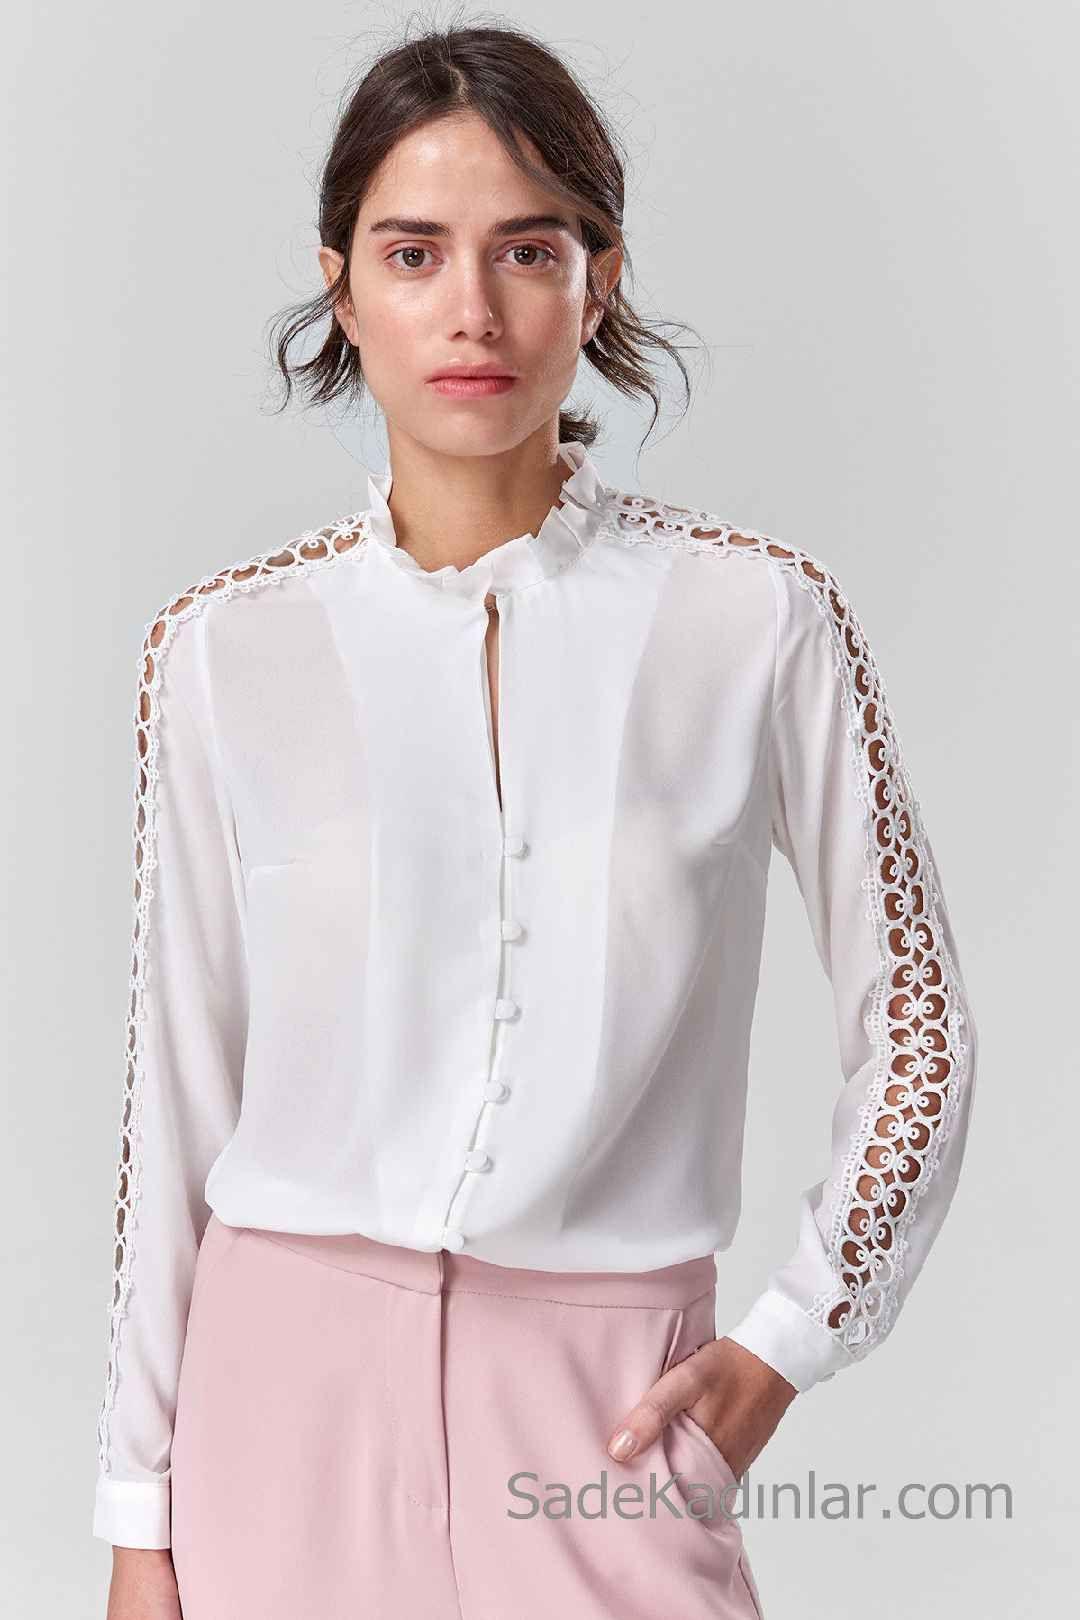 2020 Beyaz Gomlek Modelleri Firfirtli Yaka Onden Dugmeli Uzun Kol Dantelli Moda Stilleri Gomlek Yeni Moda